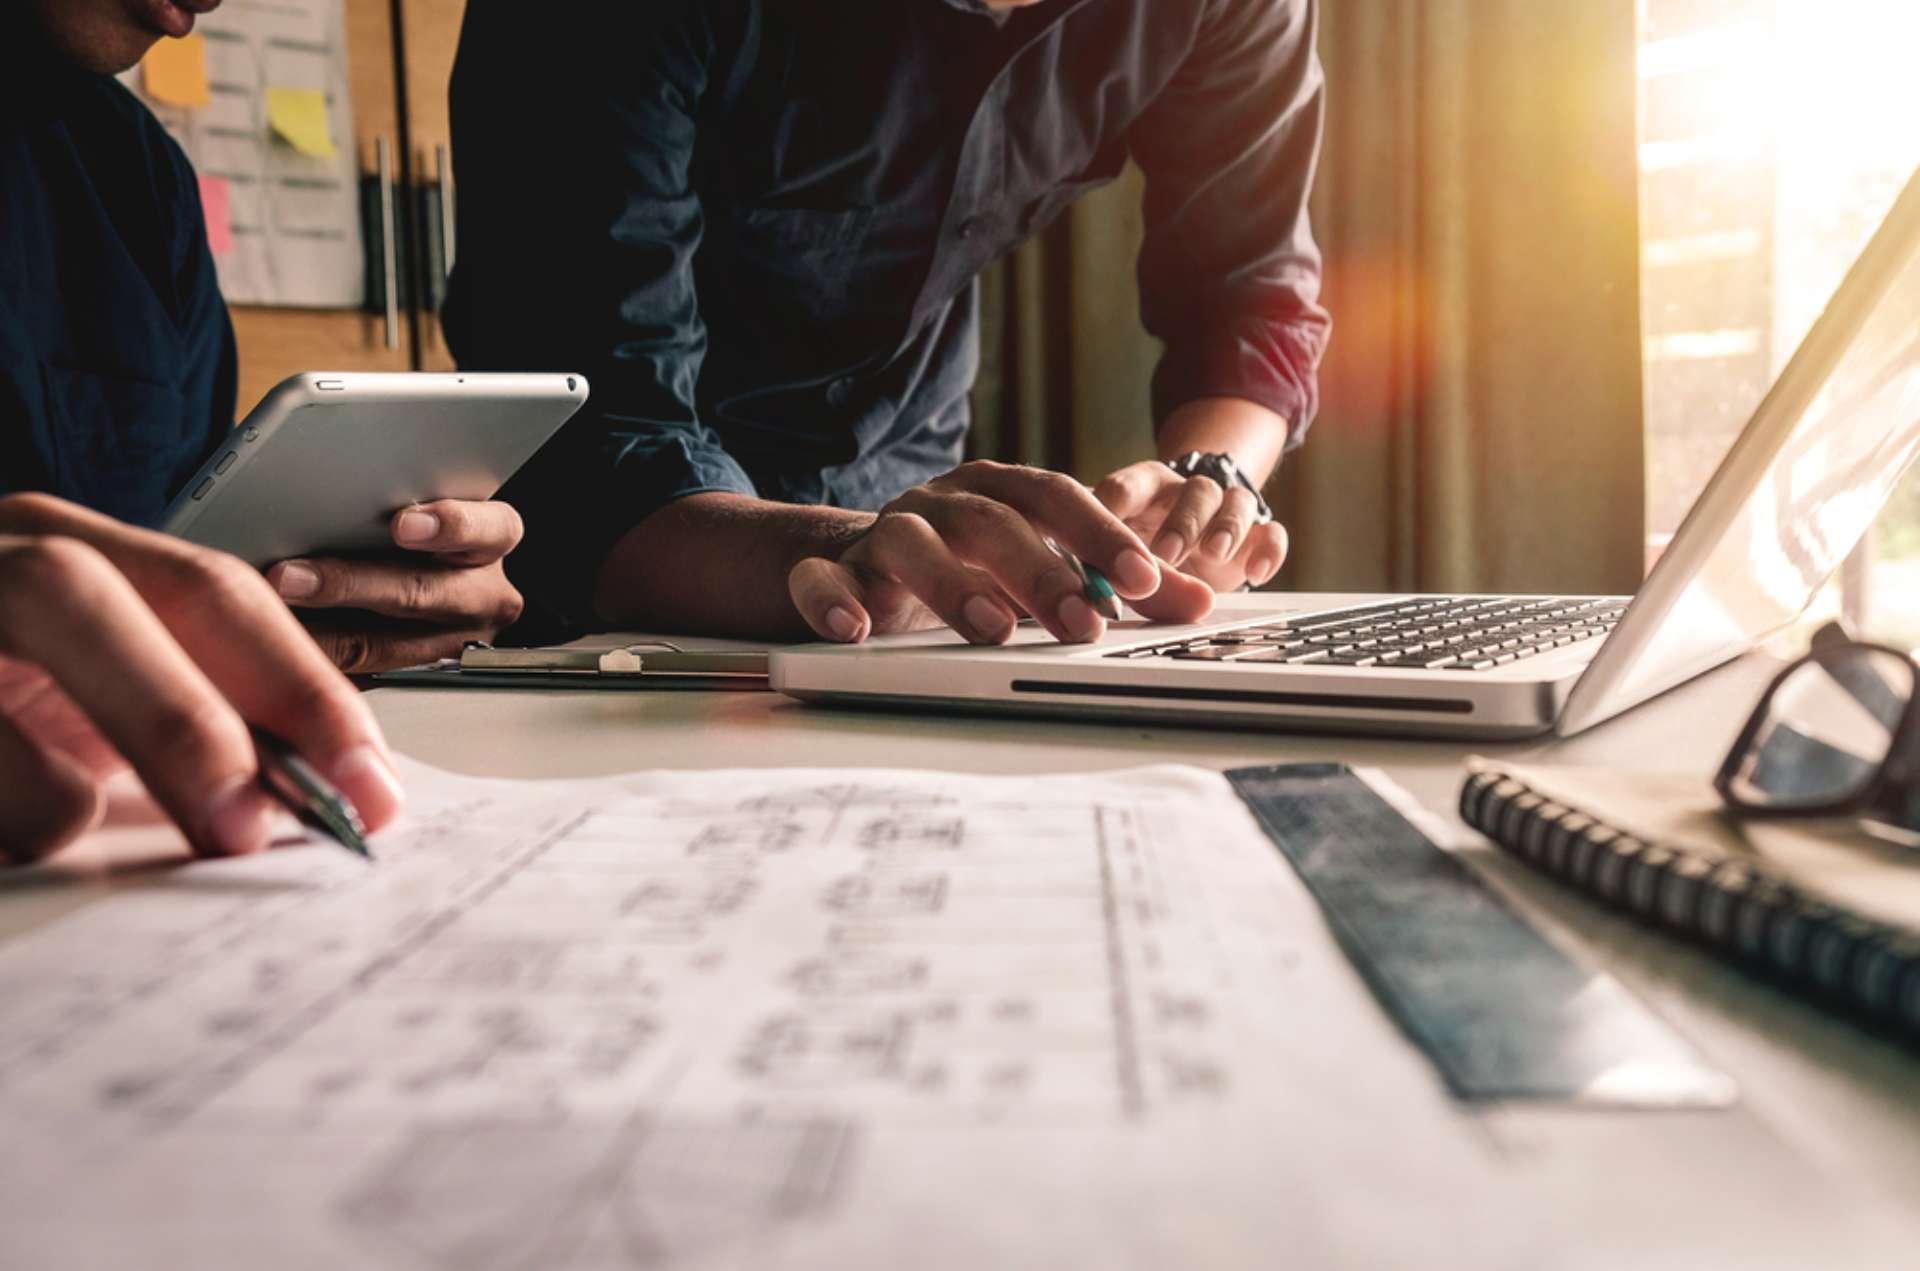 ROI de treinamentos corporativos: 5 dicas para mensurar o investimento com precisão